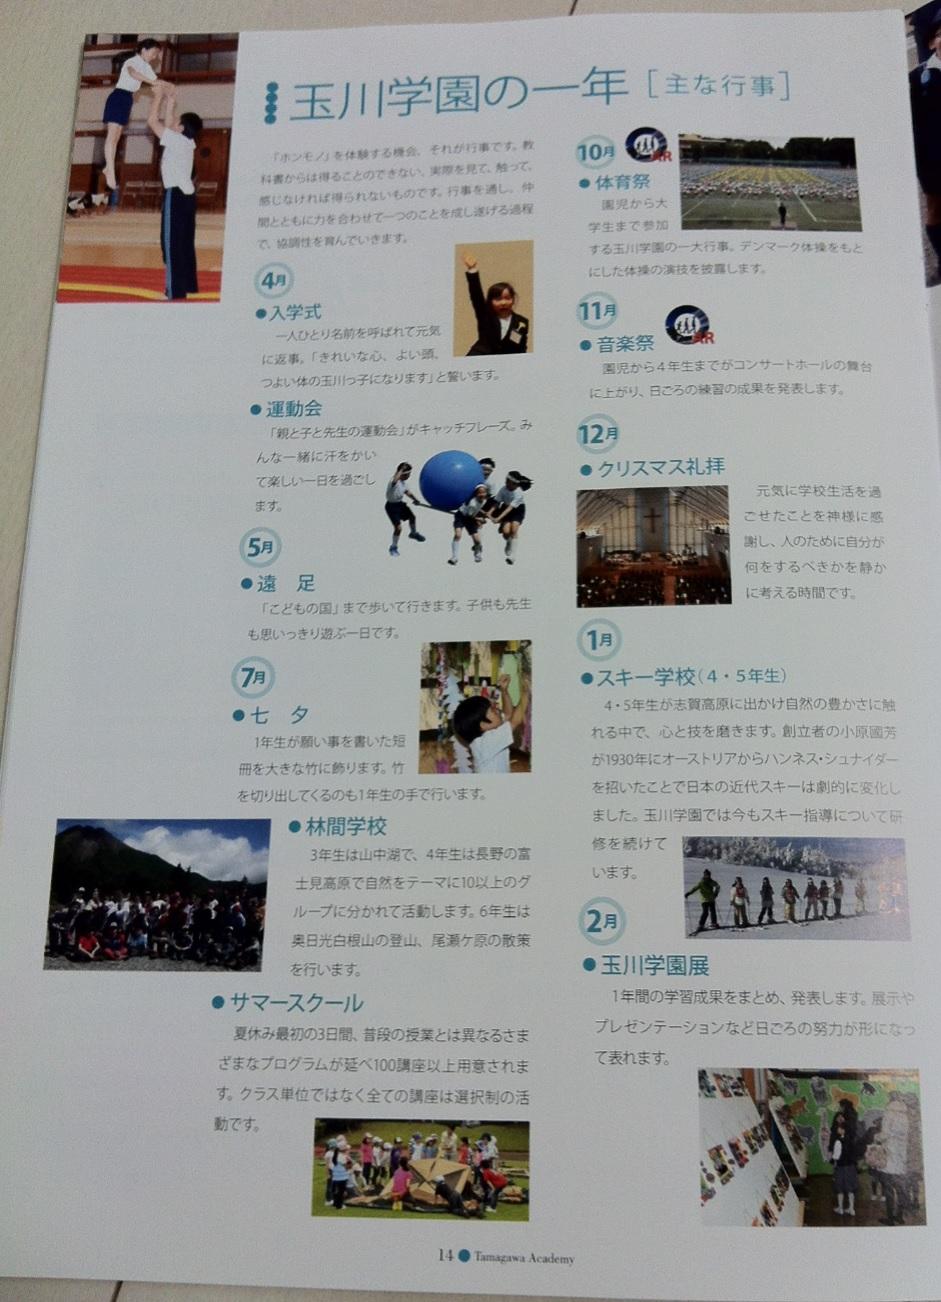 玉川学園小学校の学校案内パンフレット画像キャプチャ(ページ14)